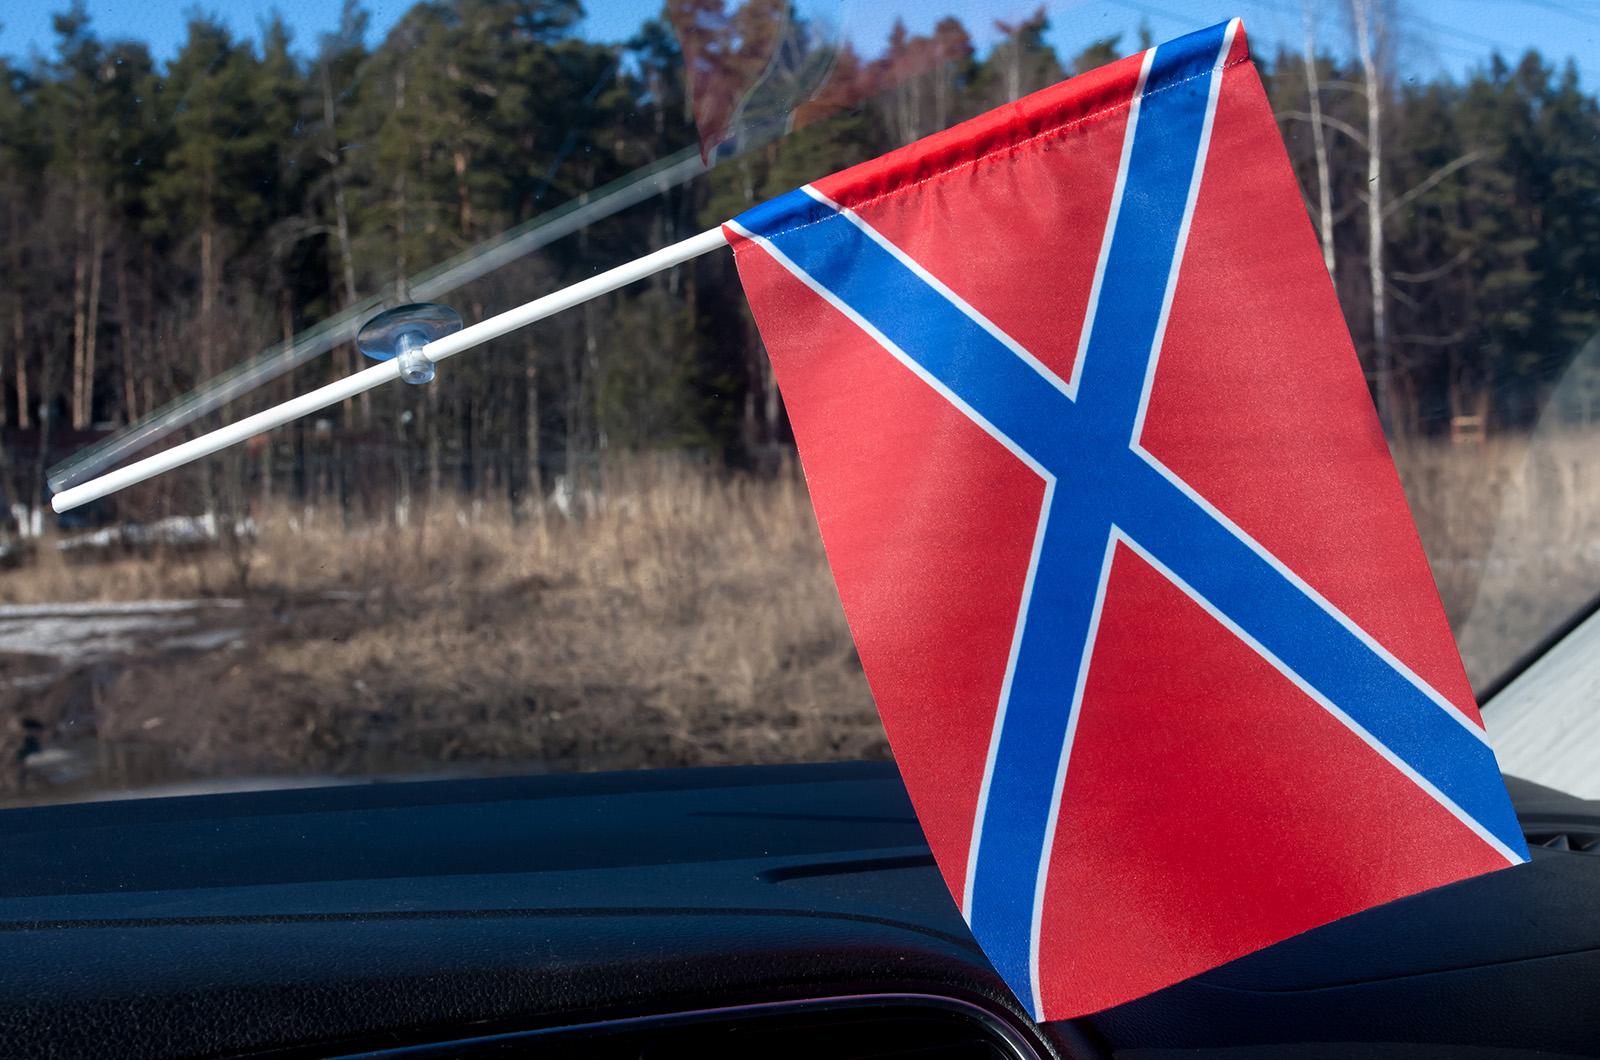 """Флаг """"Новороссия"""" в машину"""